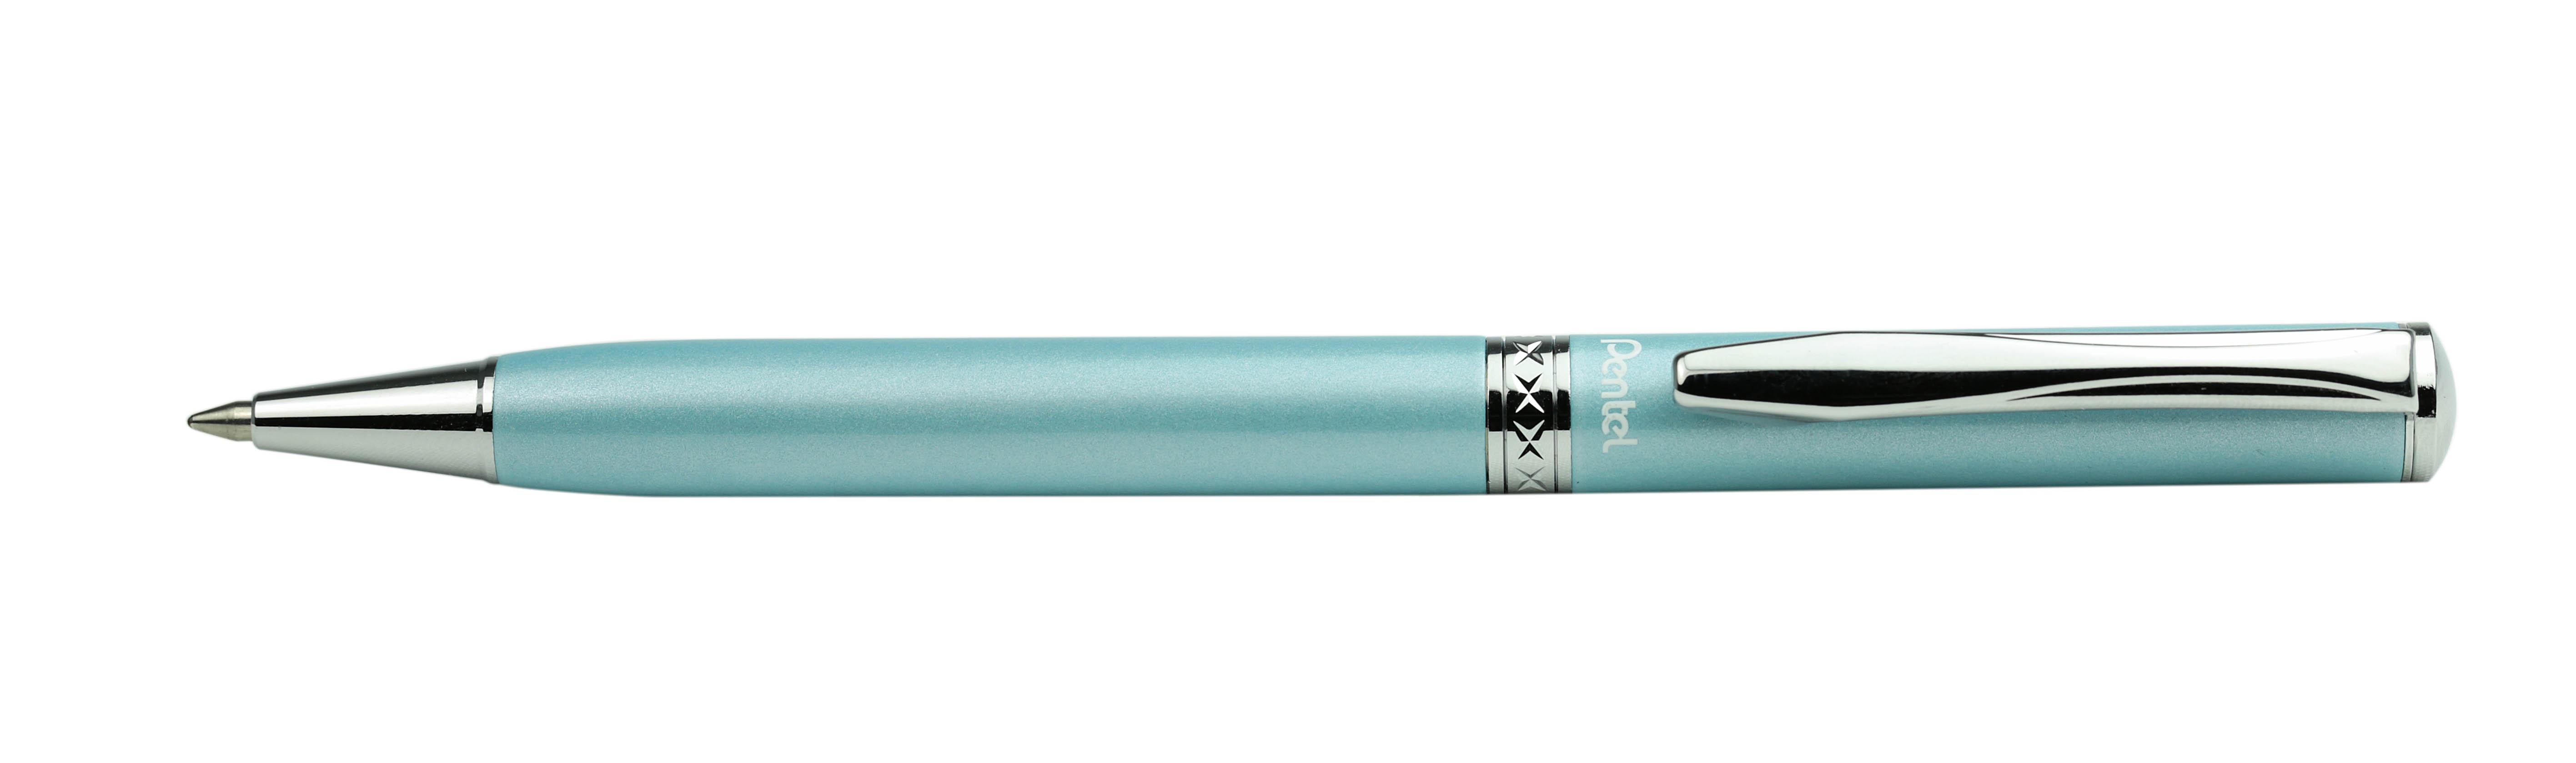 Pentel Ручка шариковая Sterling чернаяB811S-AПодарочная шариковая ручка Pentel Sterling имеет поворотный механизм. Корпус ручки изготовлен из металла с хромированным покрытием. Стержень - черный, толщина пишущего узла - 0,8 мм. Чернила обеспечивают ровное и комфортное письмо. Упаковка - подарочный футляр.